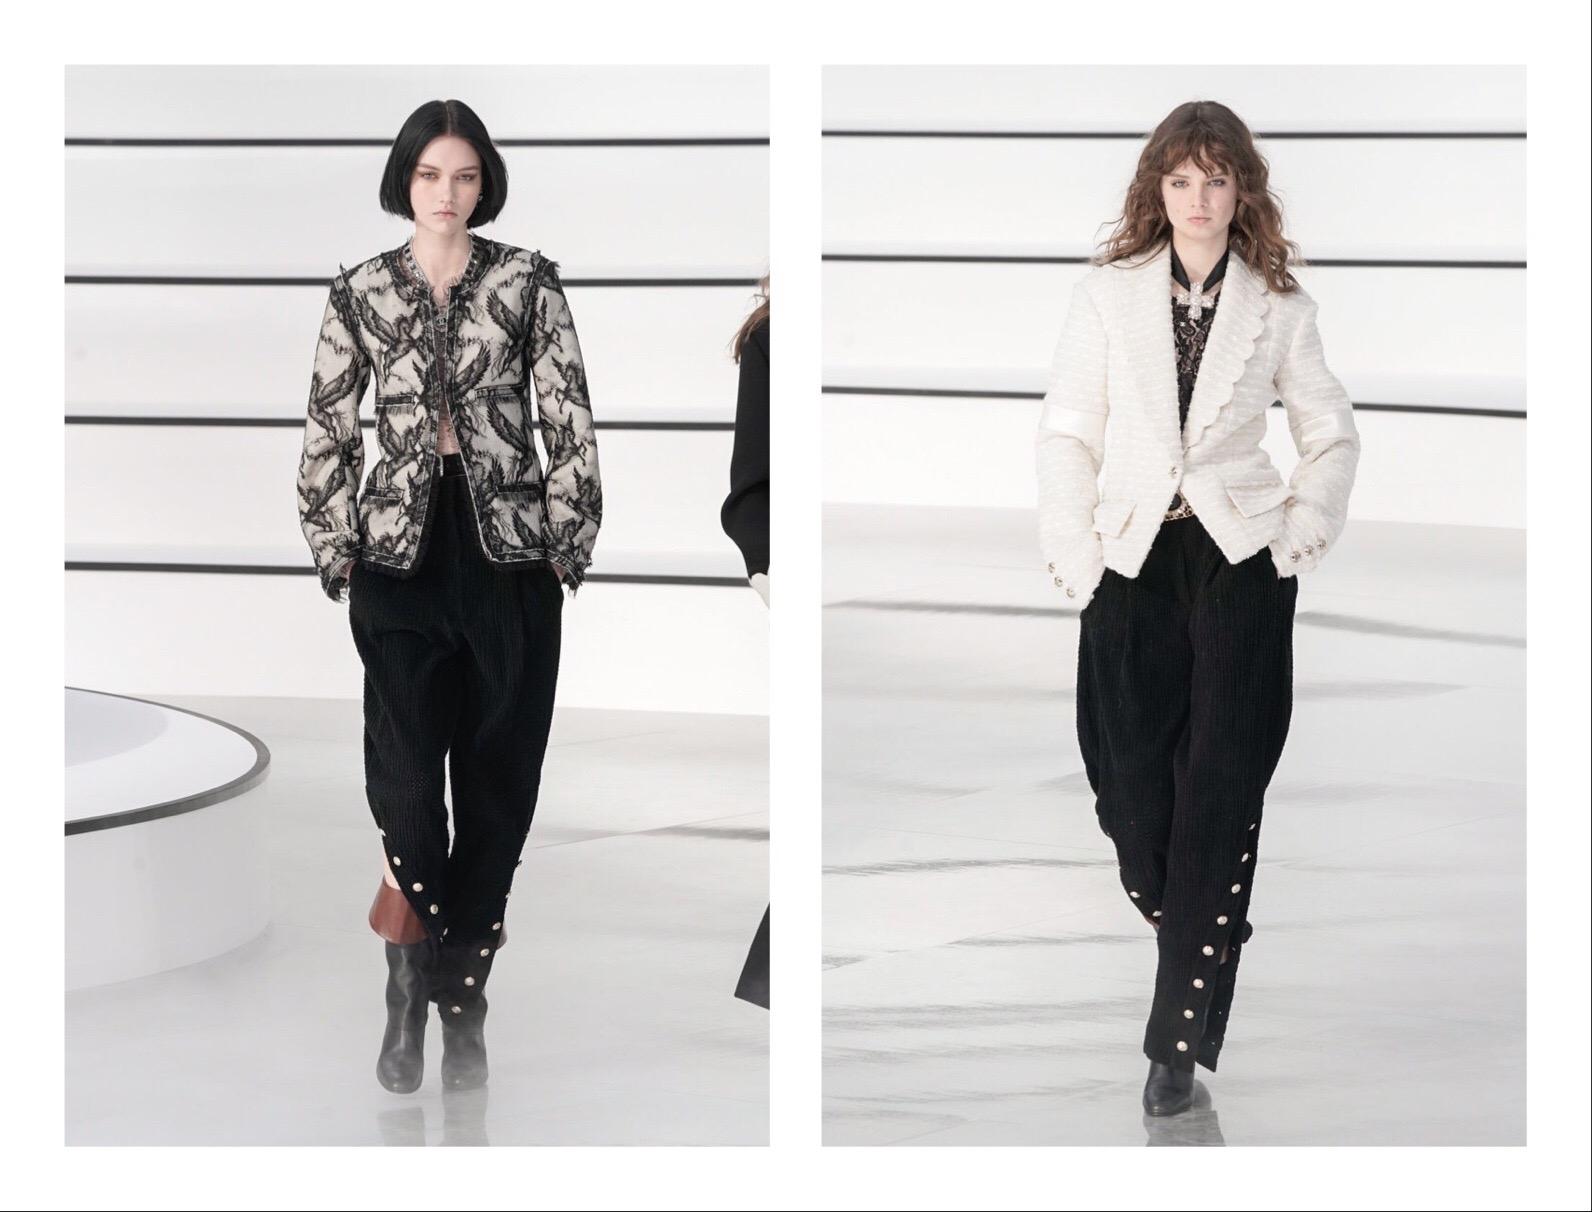 Парижский шик в лучших традициях Chanel: обзор коллекции (ФОТО) - фото №6